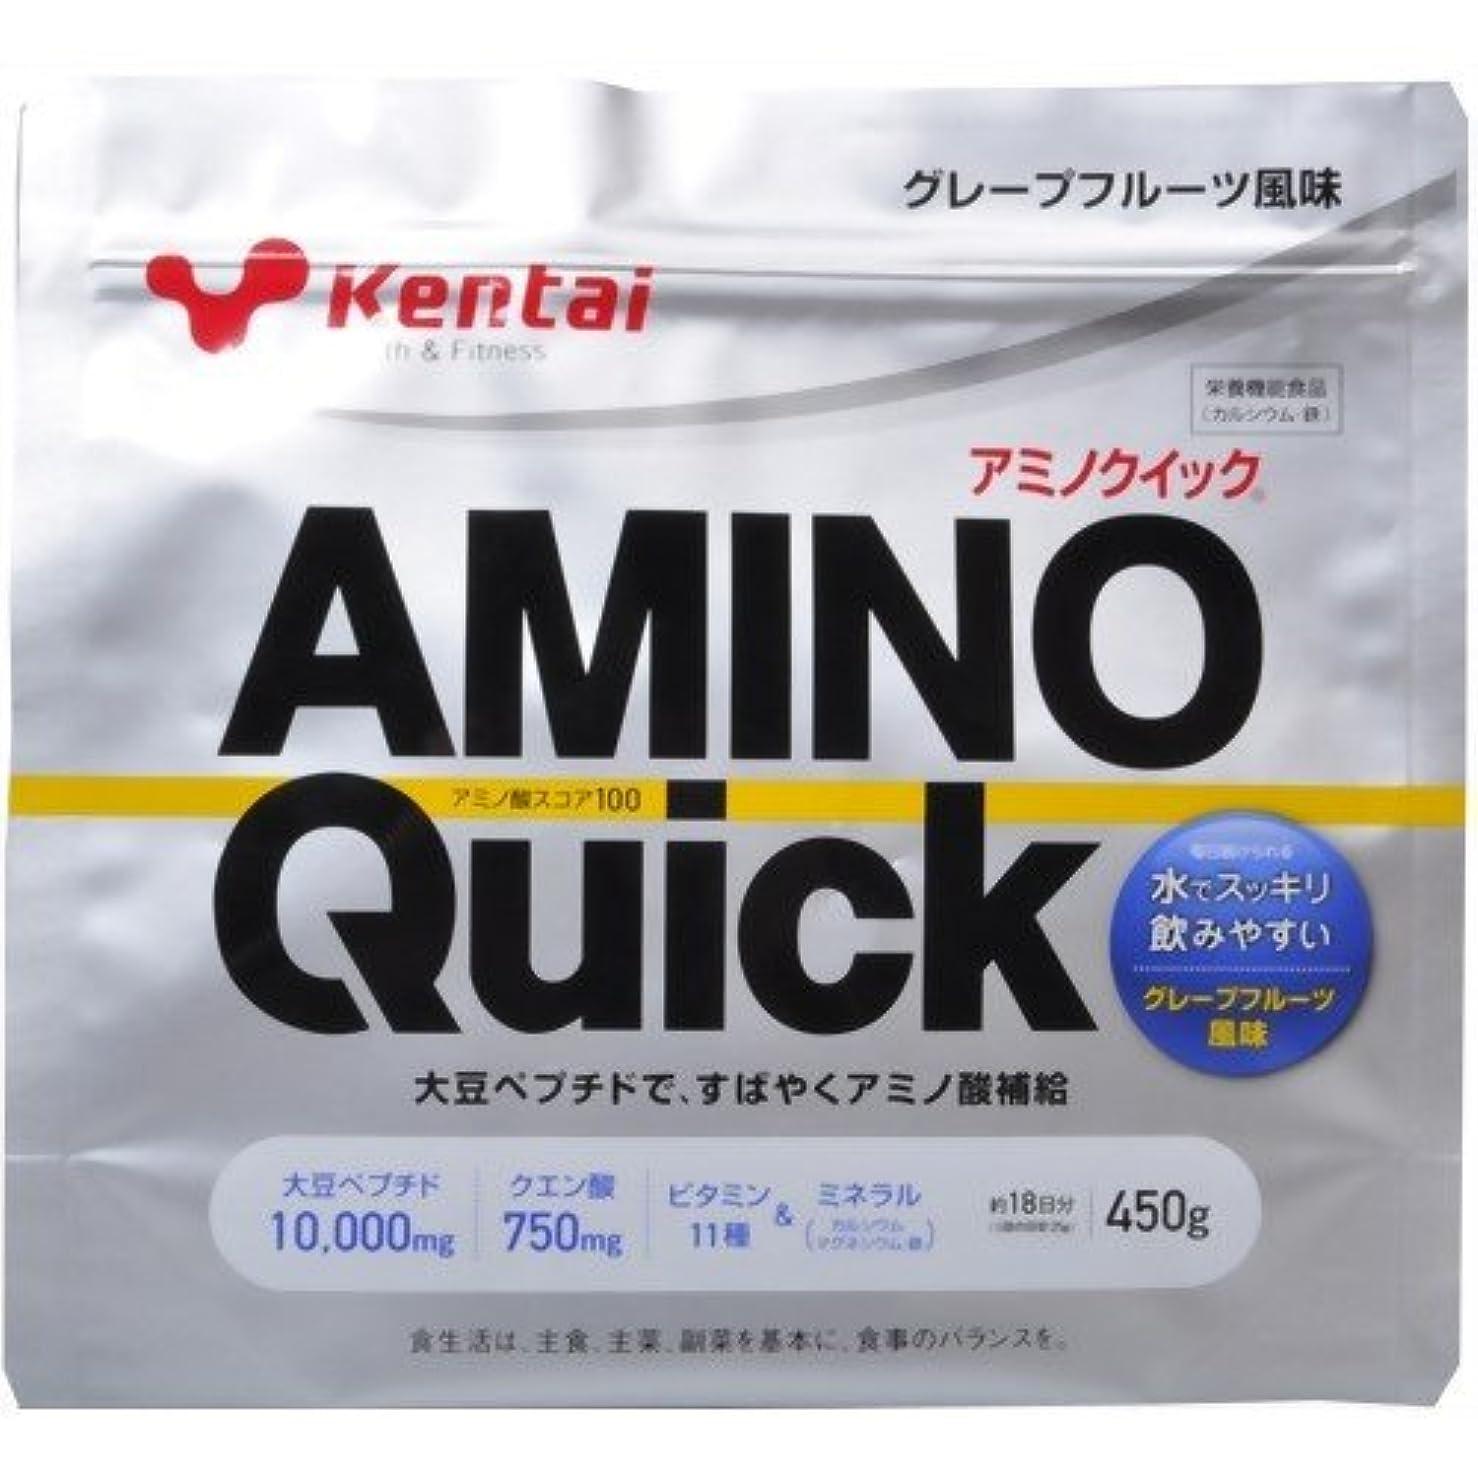 シダオレンジ襟ケンタイ アミノクイック(大豆ペプチド) K5107